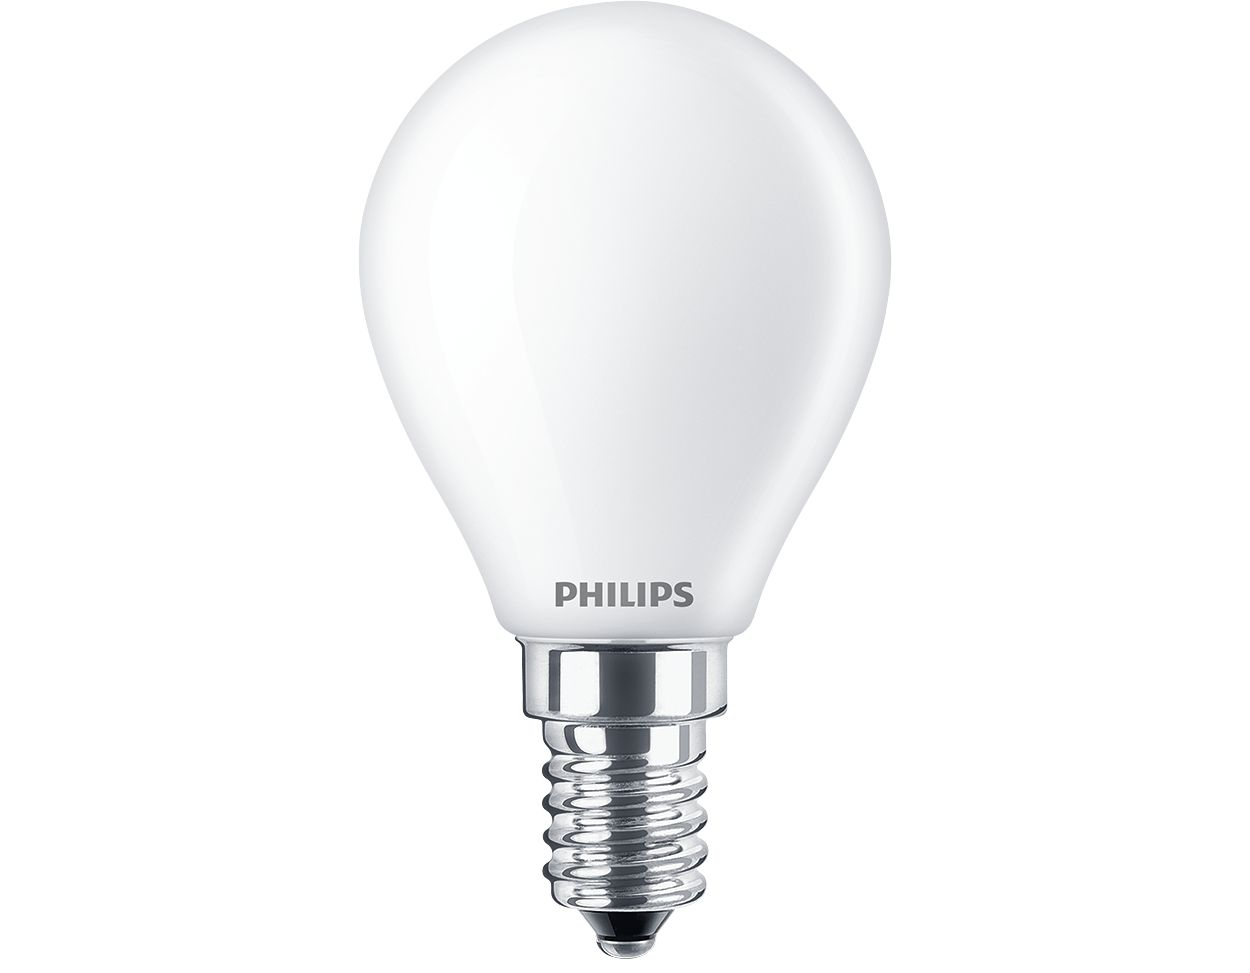 Philips Lampadina a LED Lampadina a LED - Incalus25